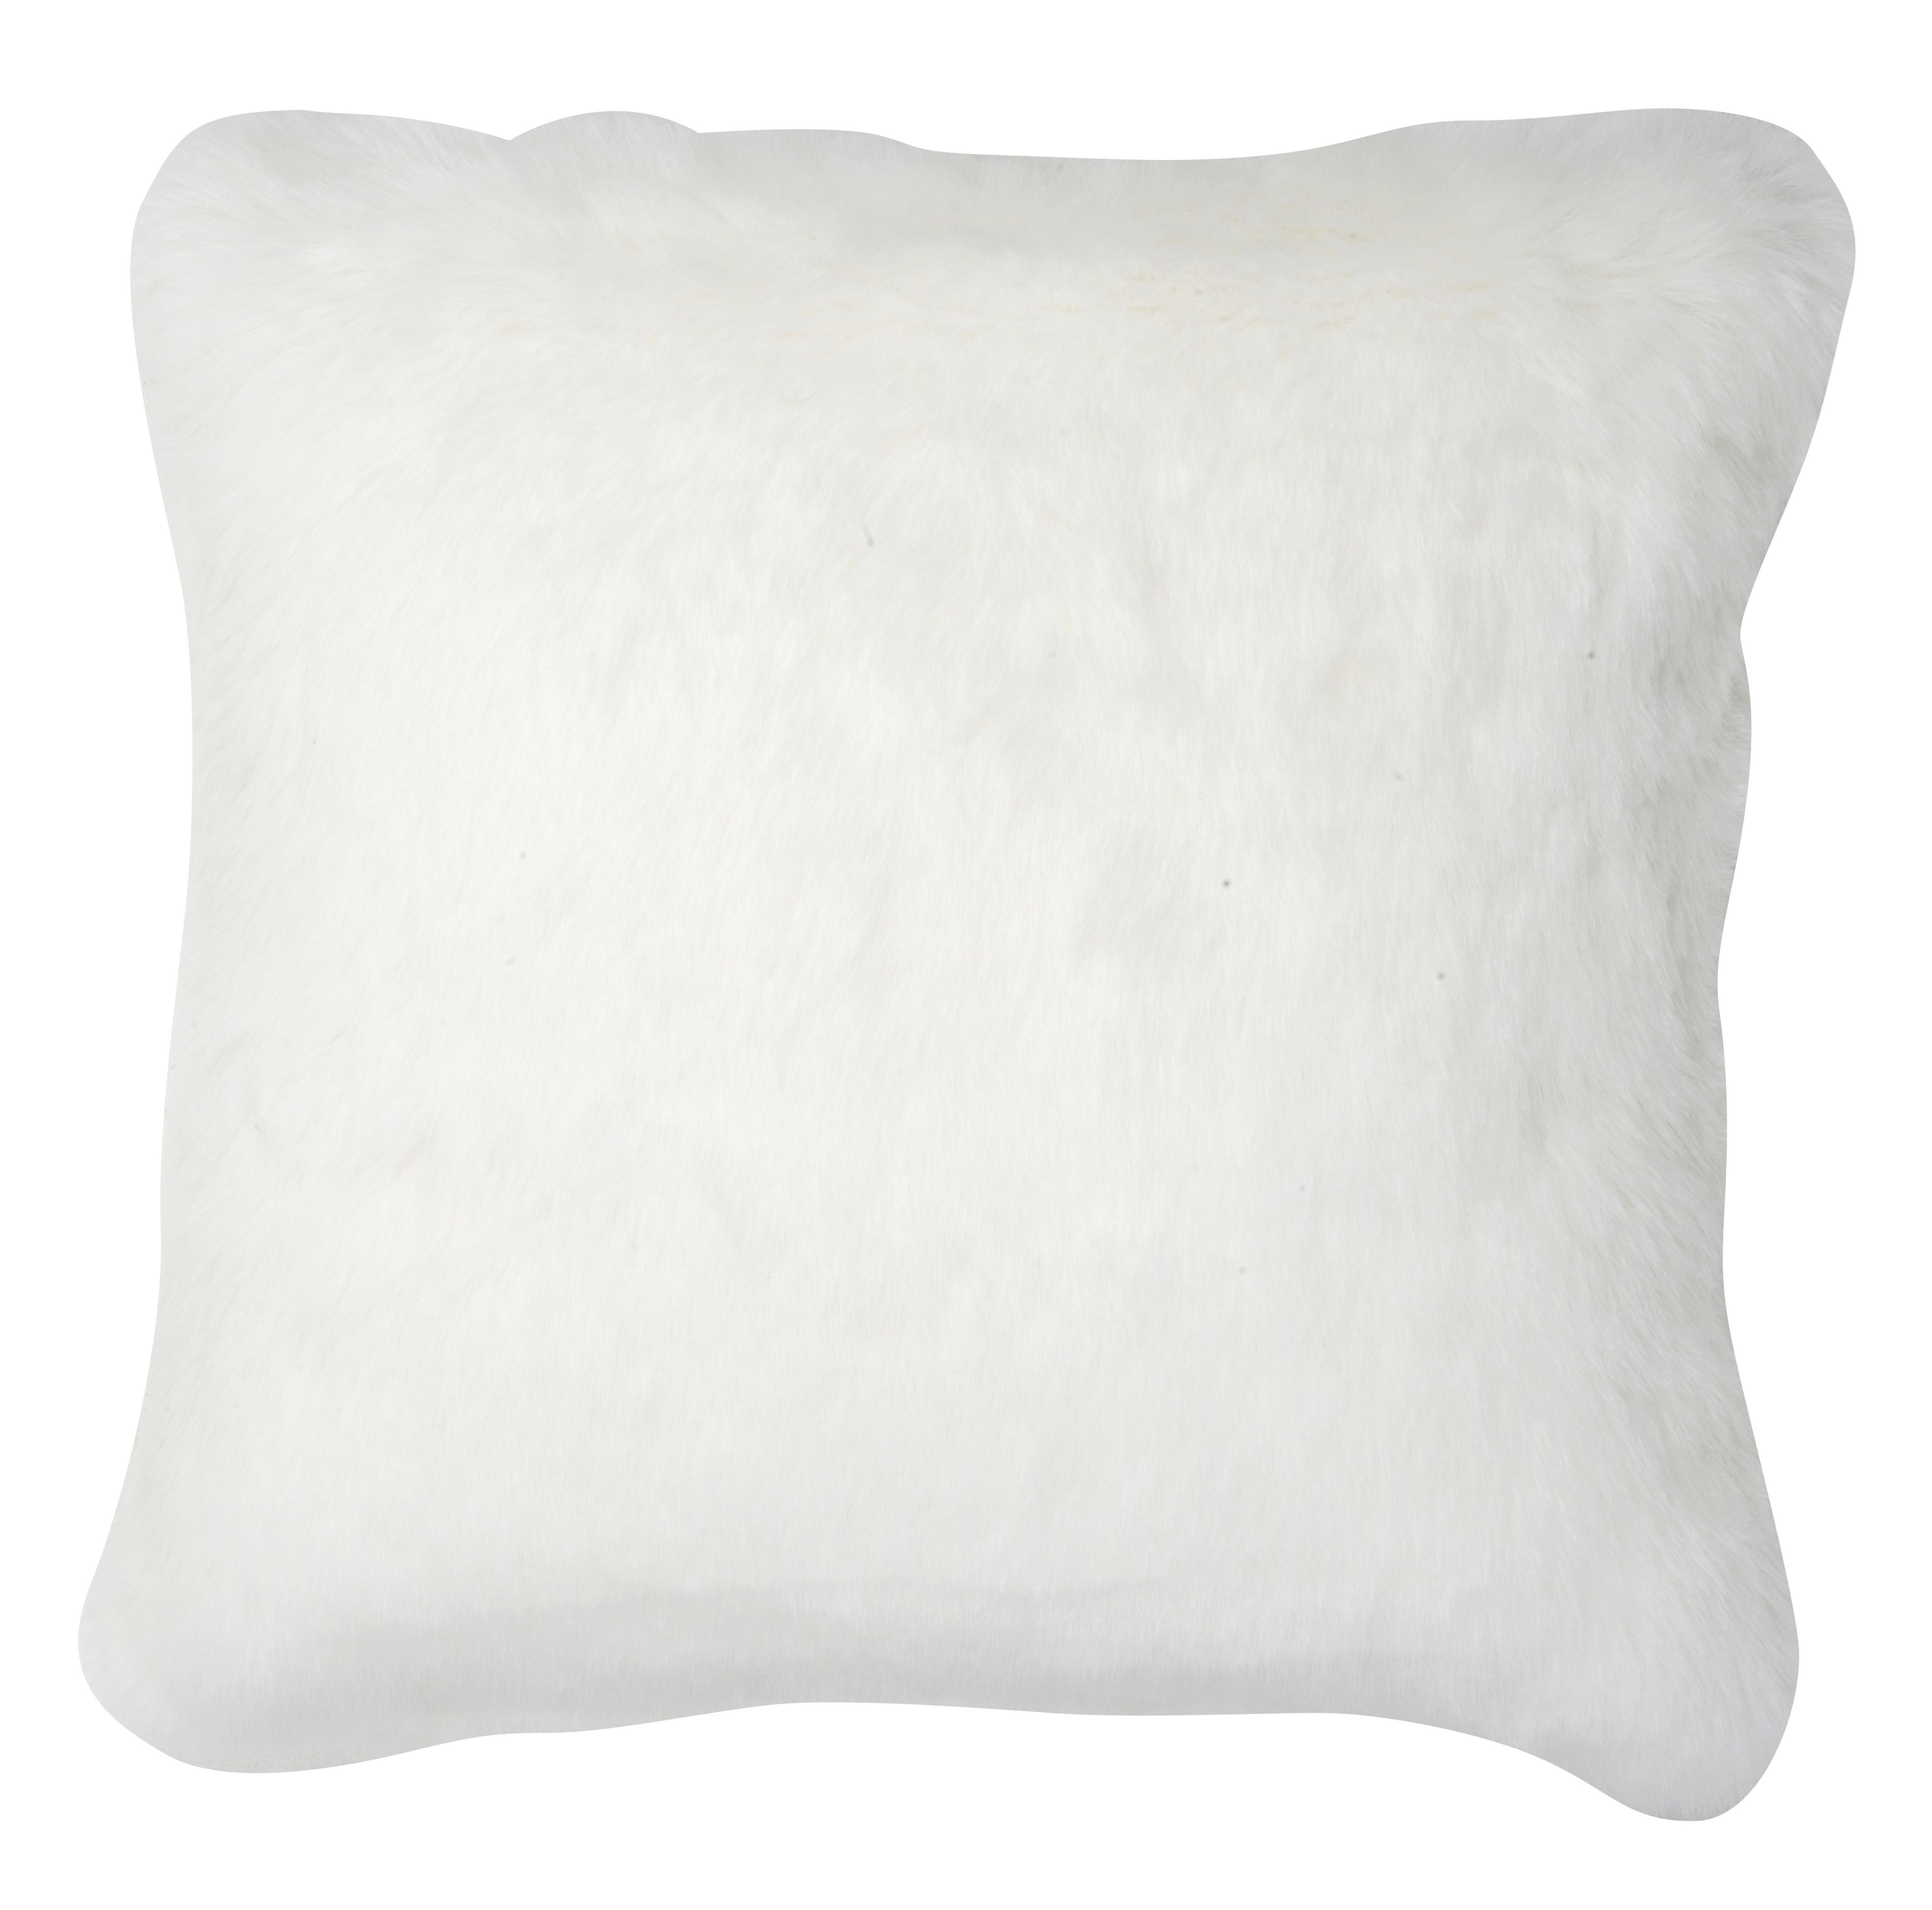 WALRA BENTE - Sierkussen Off White 45x45 cm